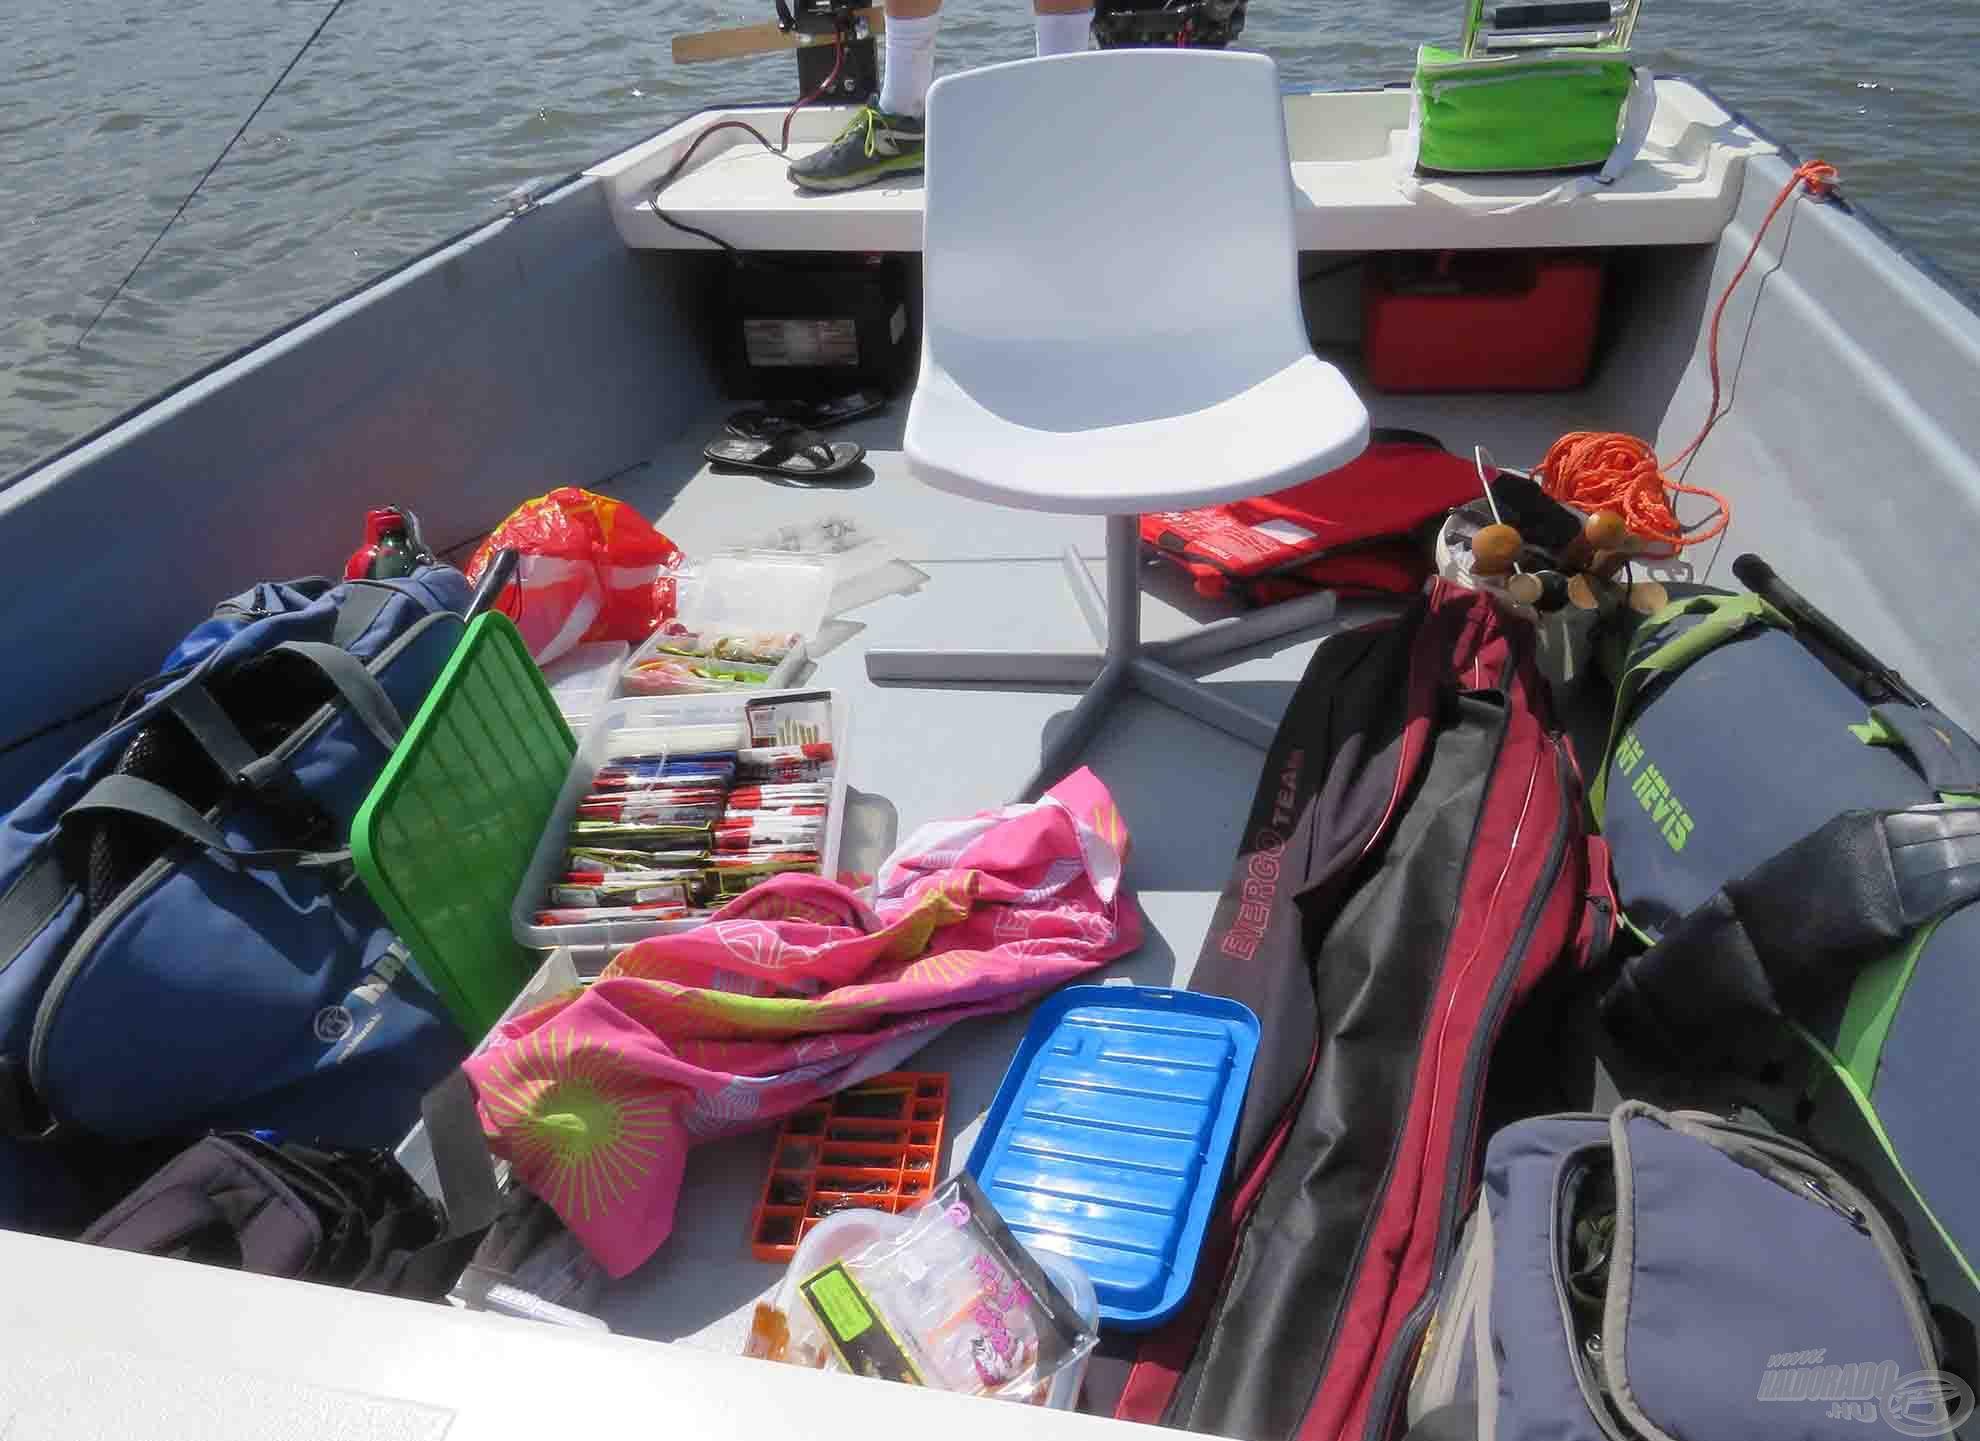 Káosz a pergető csónakban